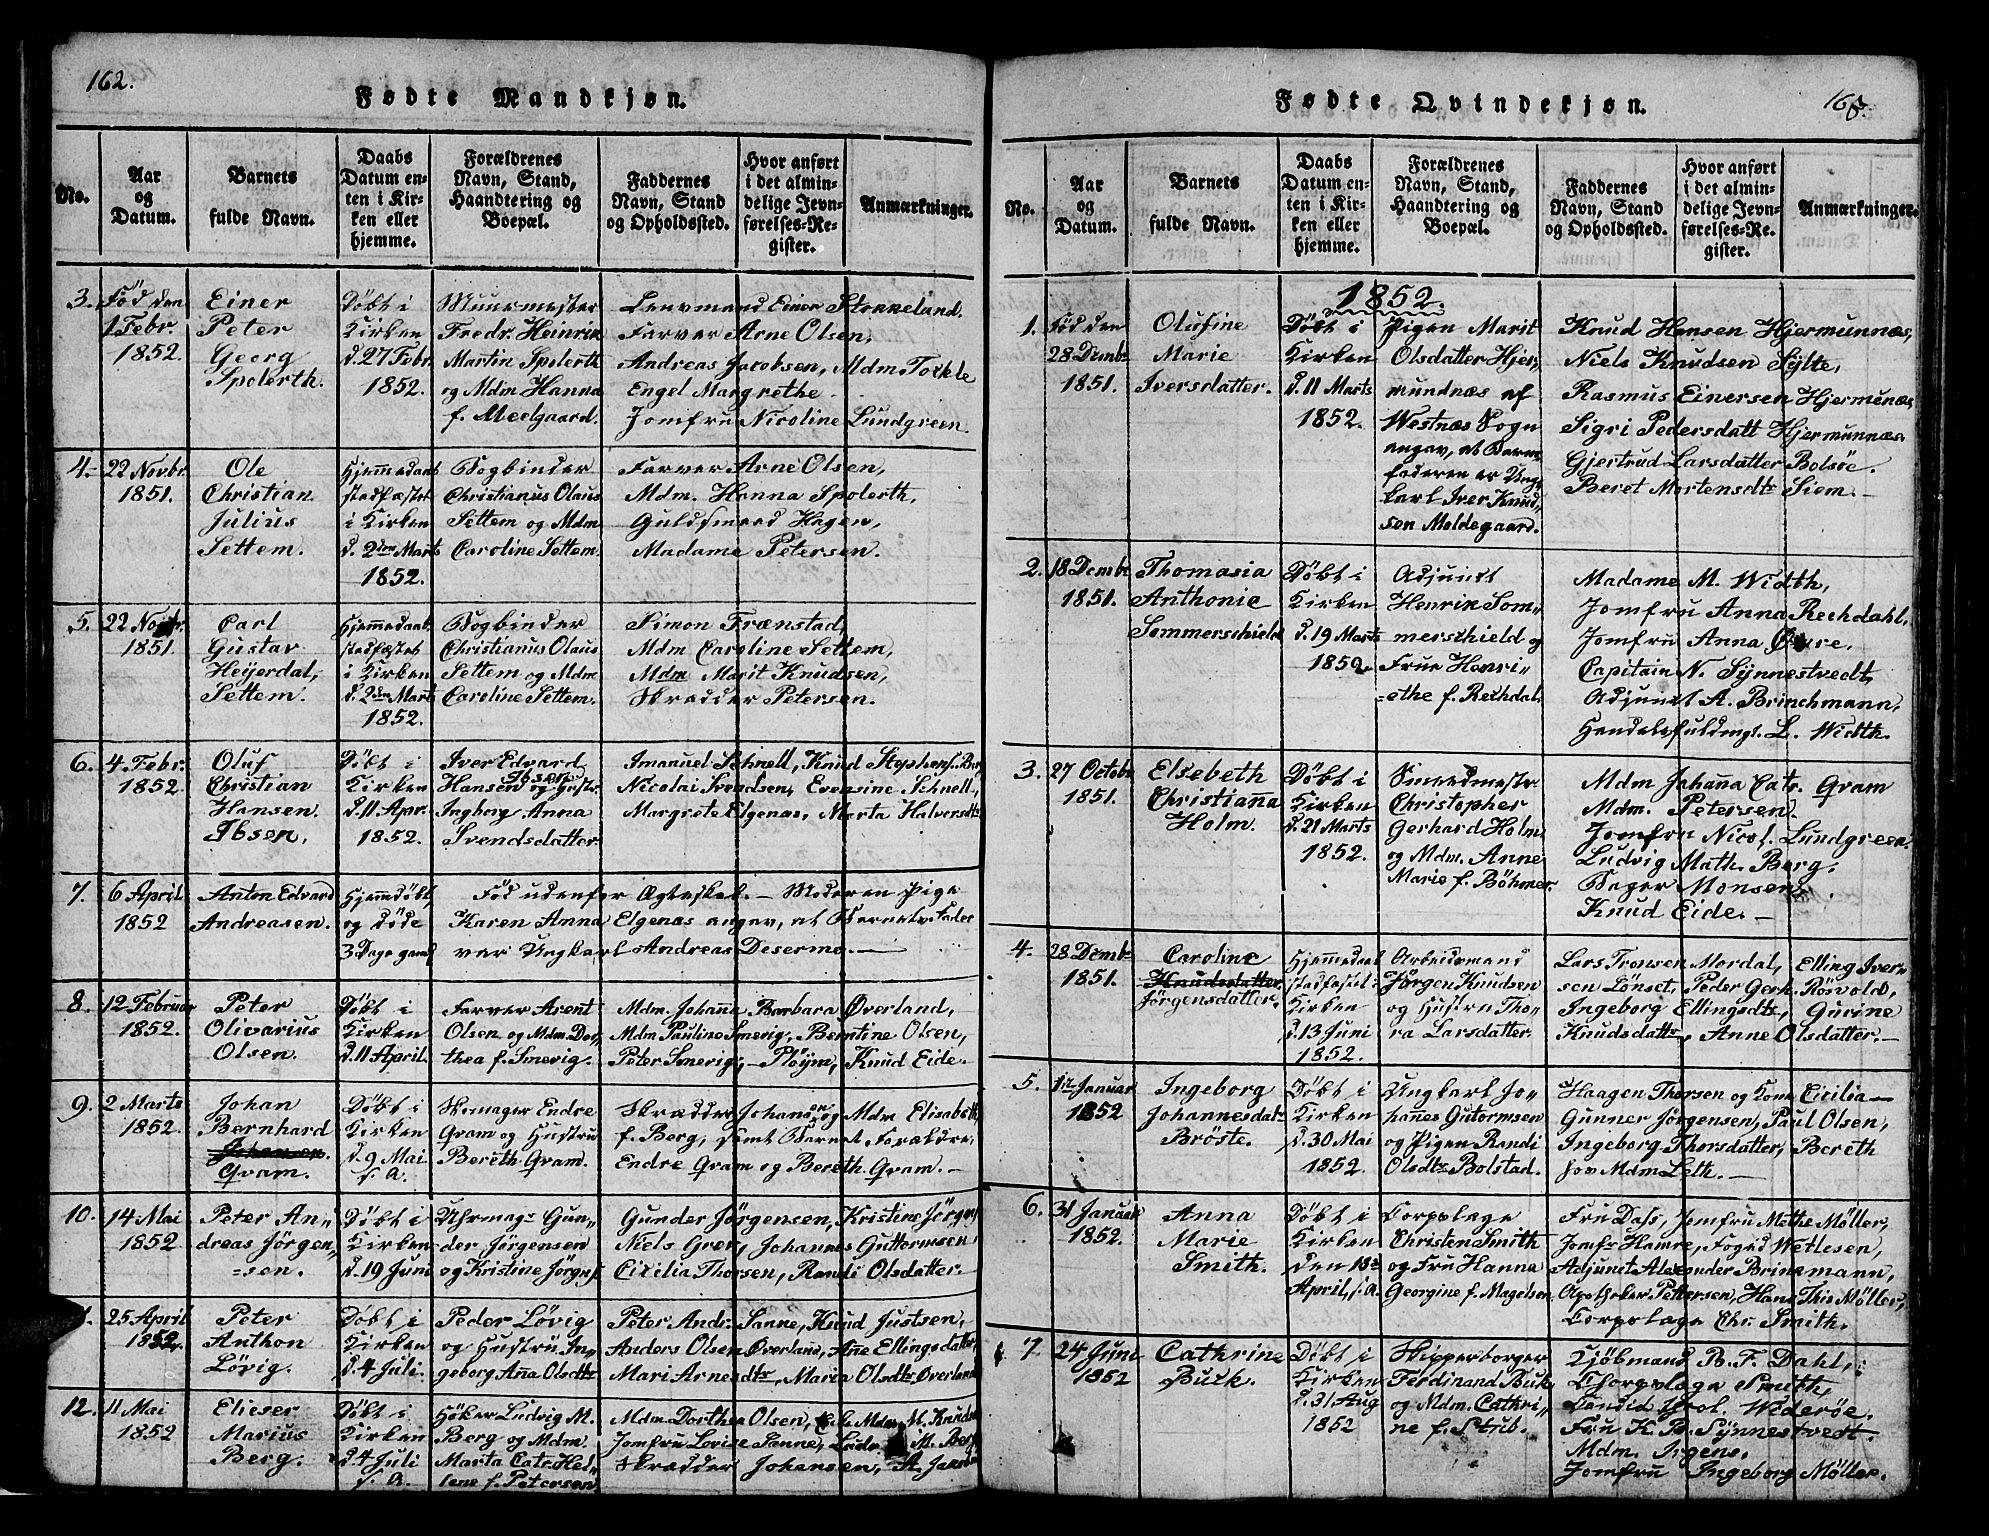 SAT, Ministerialprotokoller, klokkerbøker og fødselsregistre - Møre og Romsdal, 558/L0700: Klokkerbok nr. 558C01, 1818-1868, s. 162-163